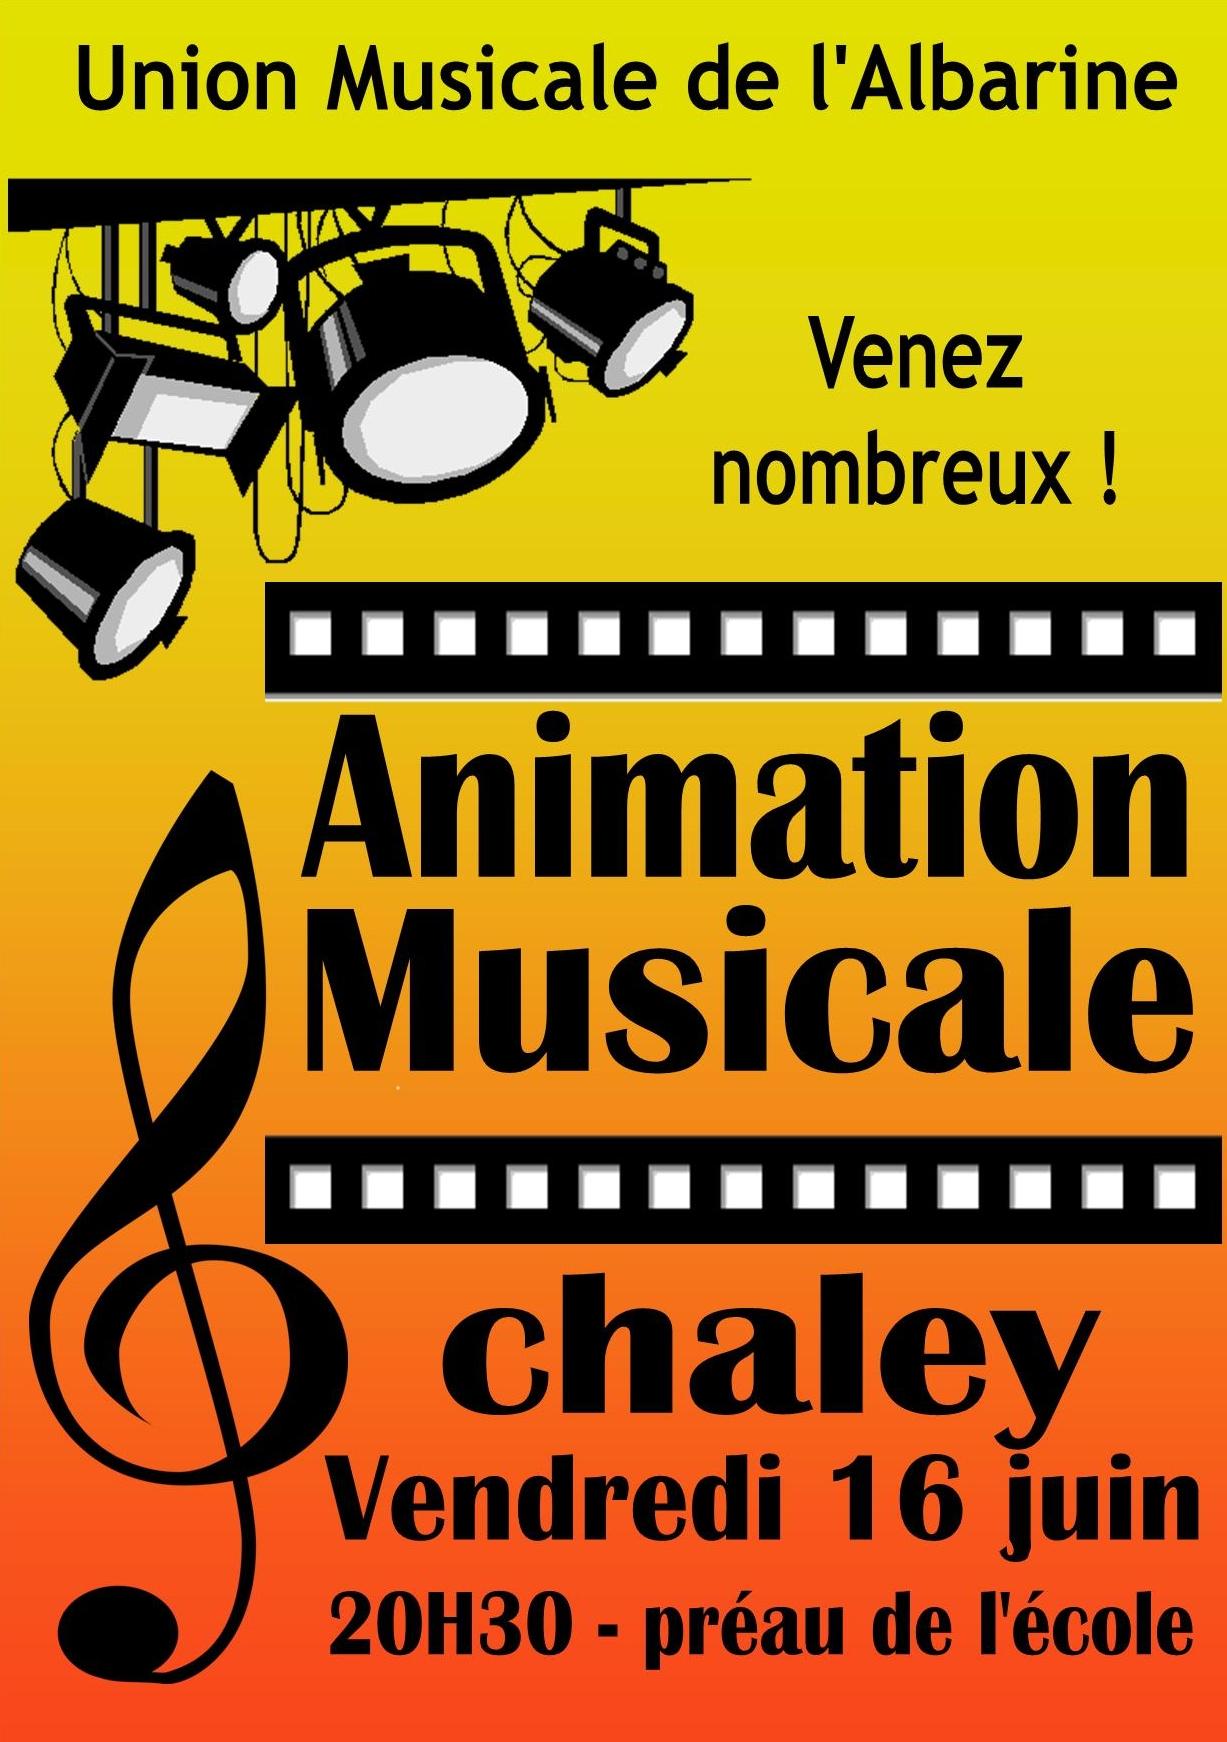 animation champêtre de l'Union Musicale de l'Albarine